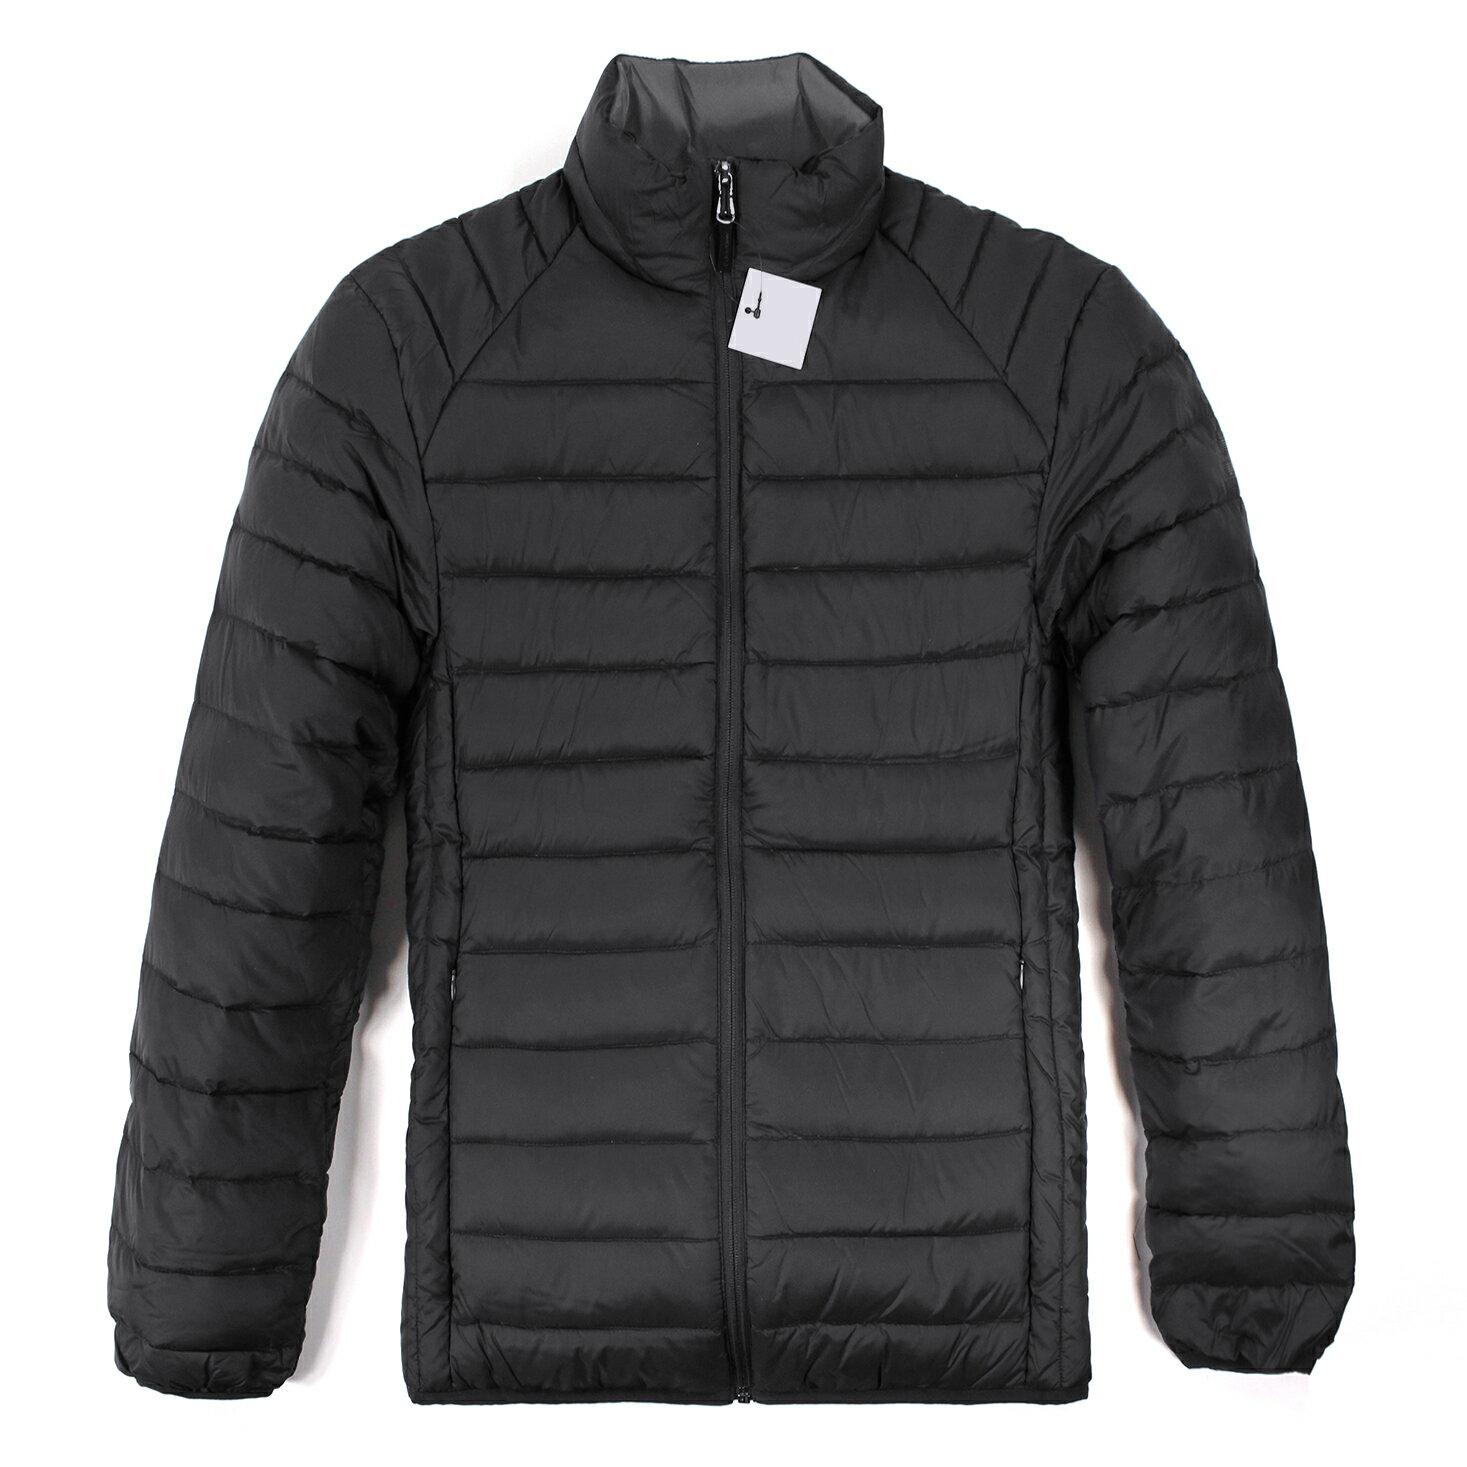 美國百分百【全新真品】Calvin Klein CK 男 輕量 保暖 羽絨 外套 夾克 外衣 黑色 S M號 E434